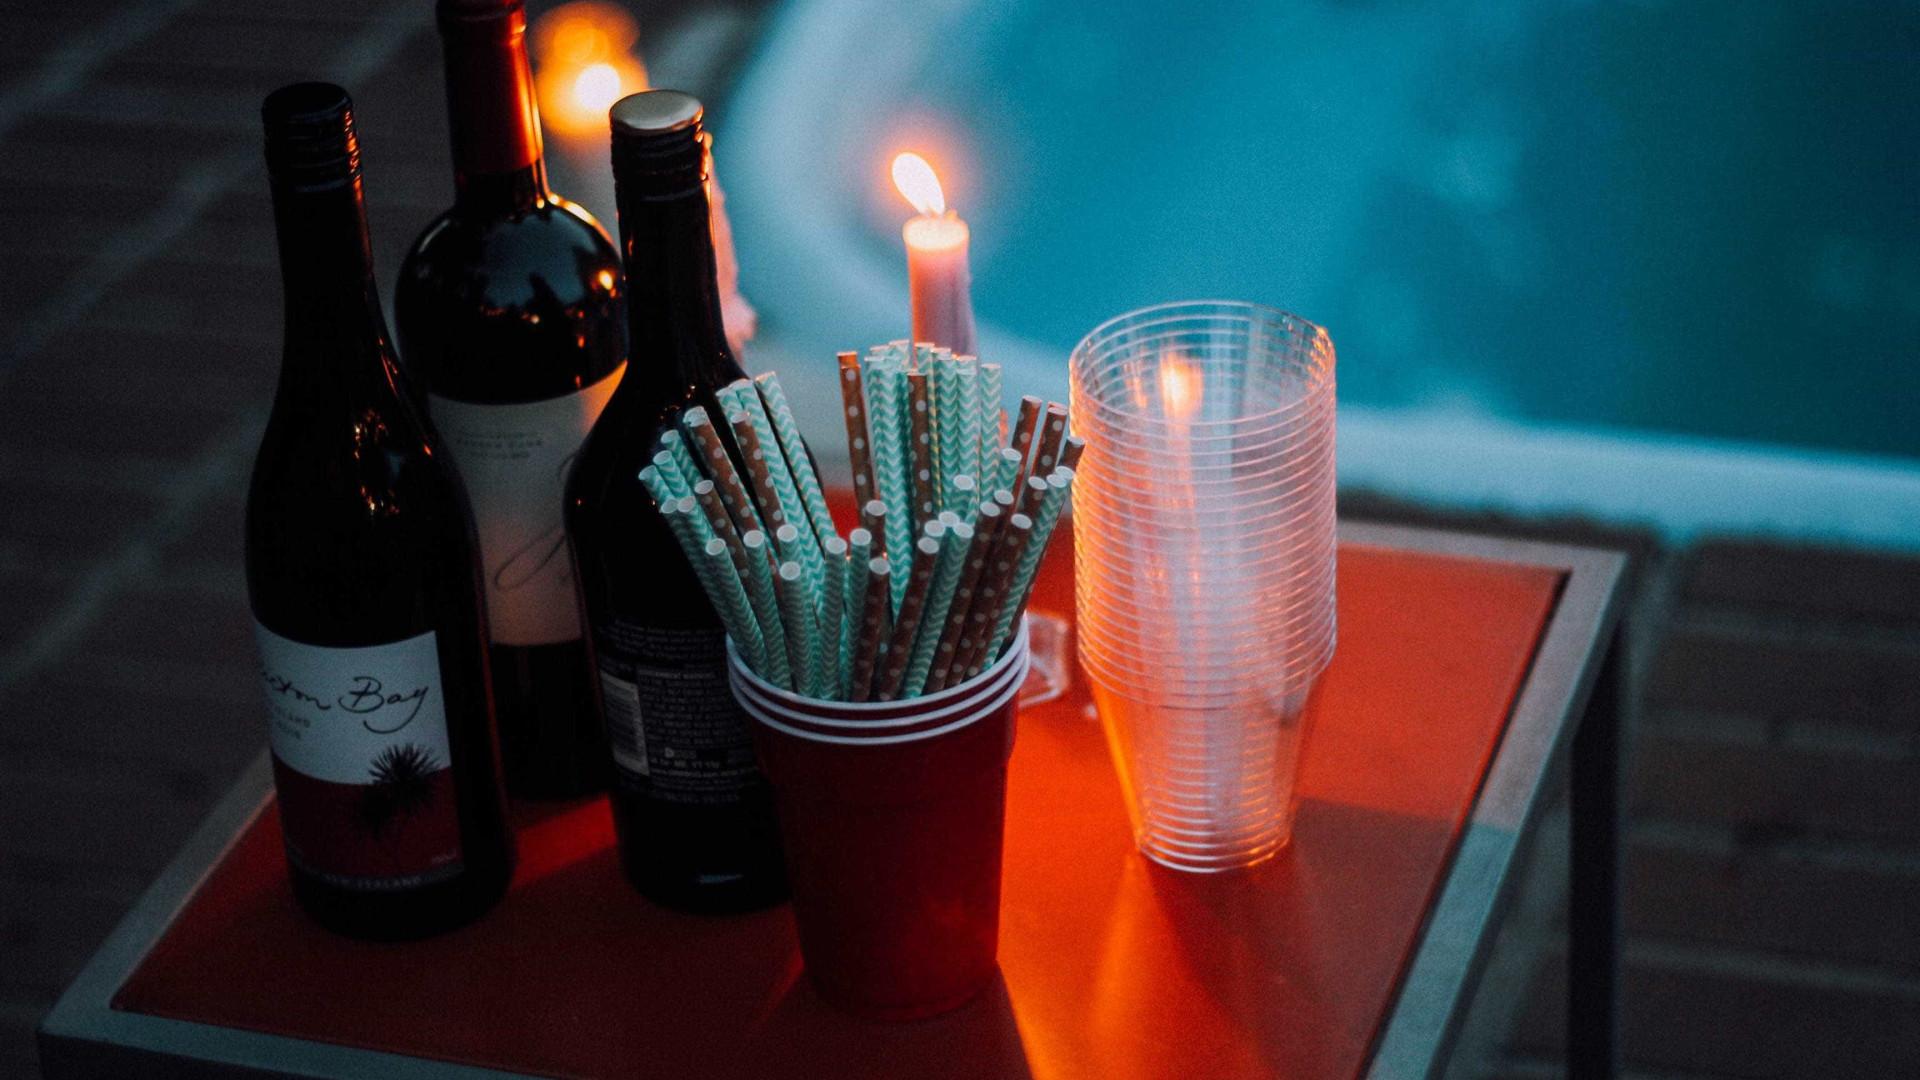 Taça de plástico muda o sabor de vinhos e espumantes, diz estudo